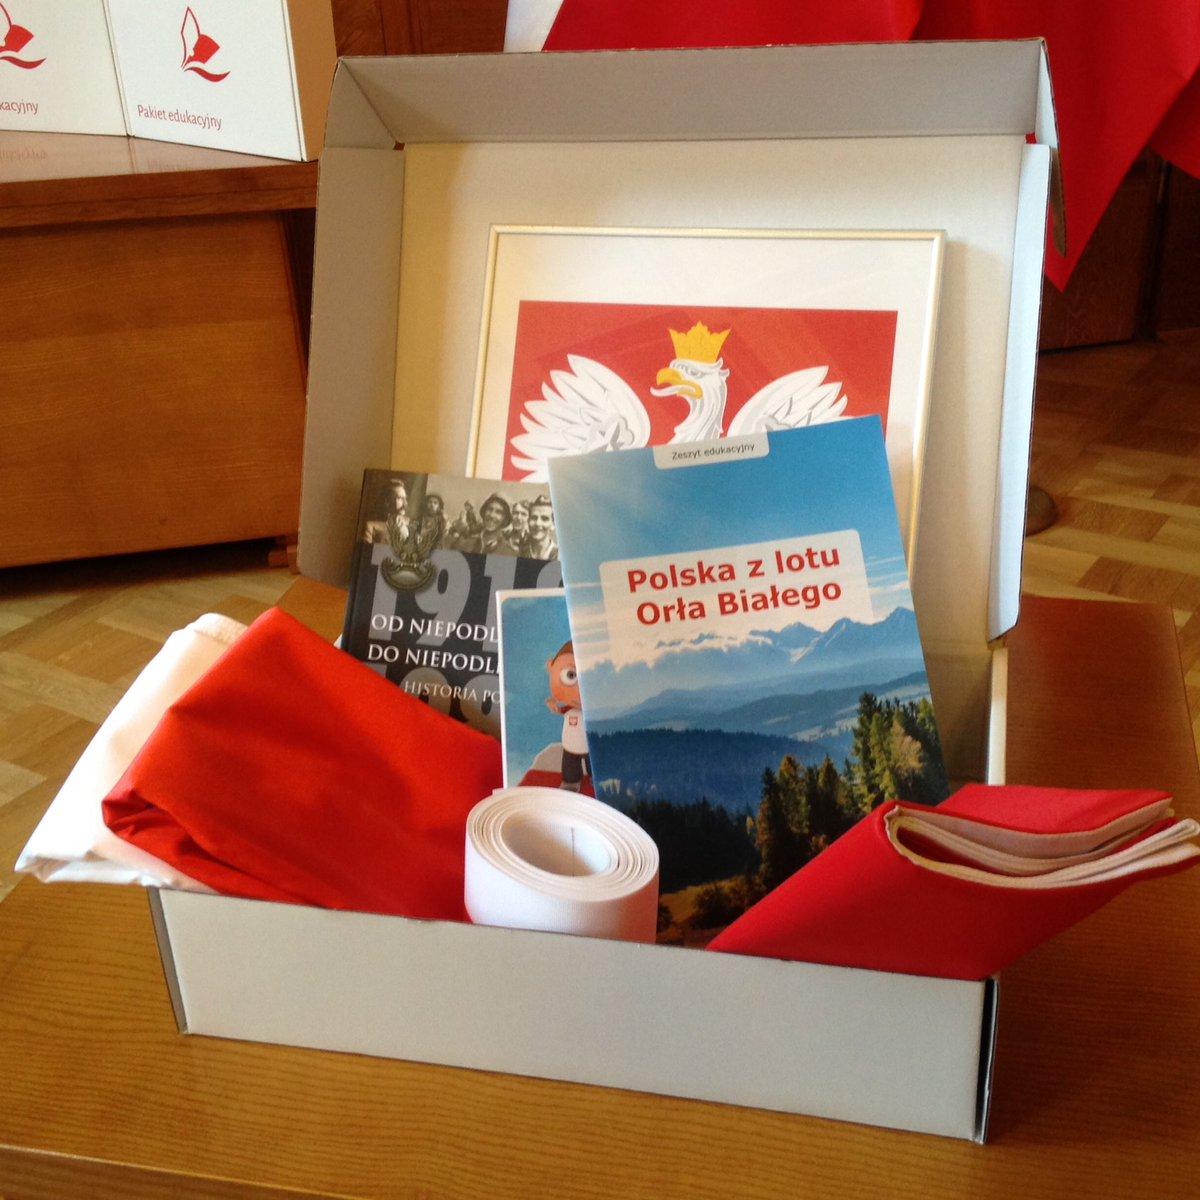 Pakiet patriotyczny zawiera polskie godło, dwie flagi, szarfy w barwach narodowych oraz pomoce edukacyjne (fot.twitter.com/MEN_GOV_PL)